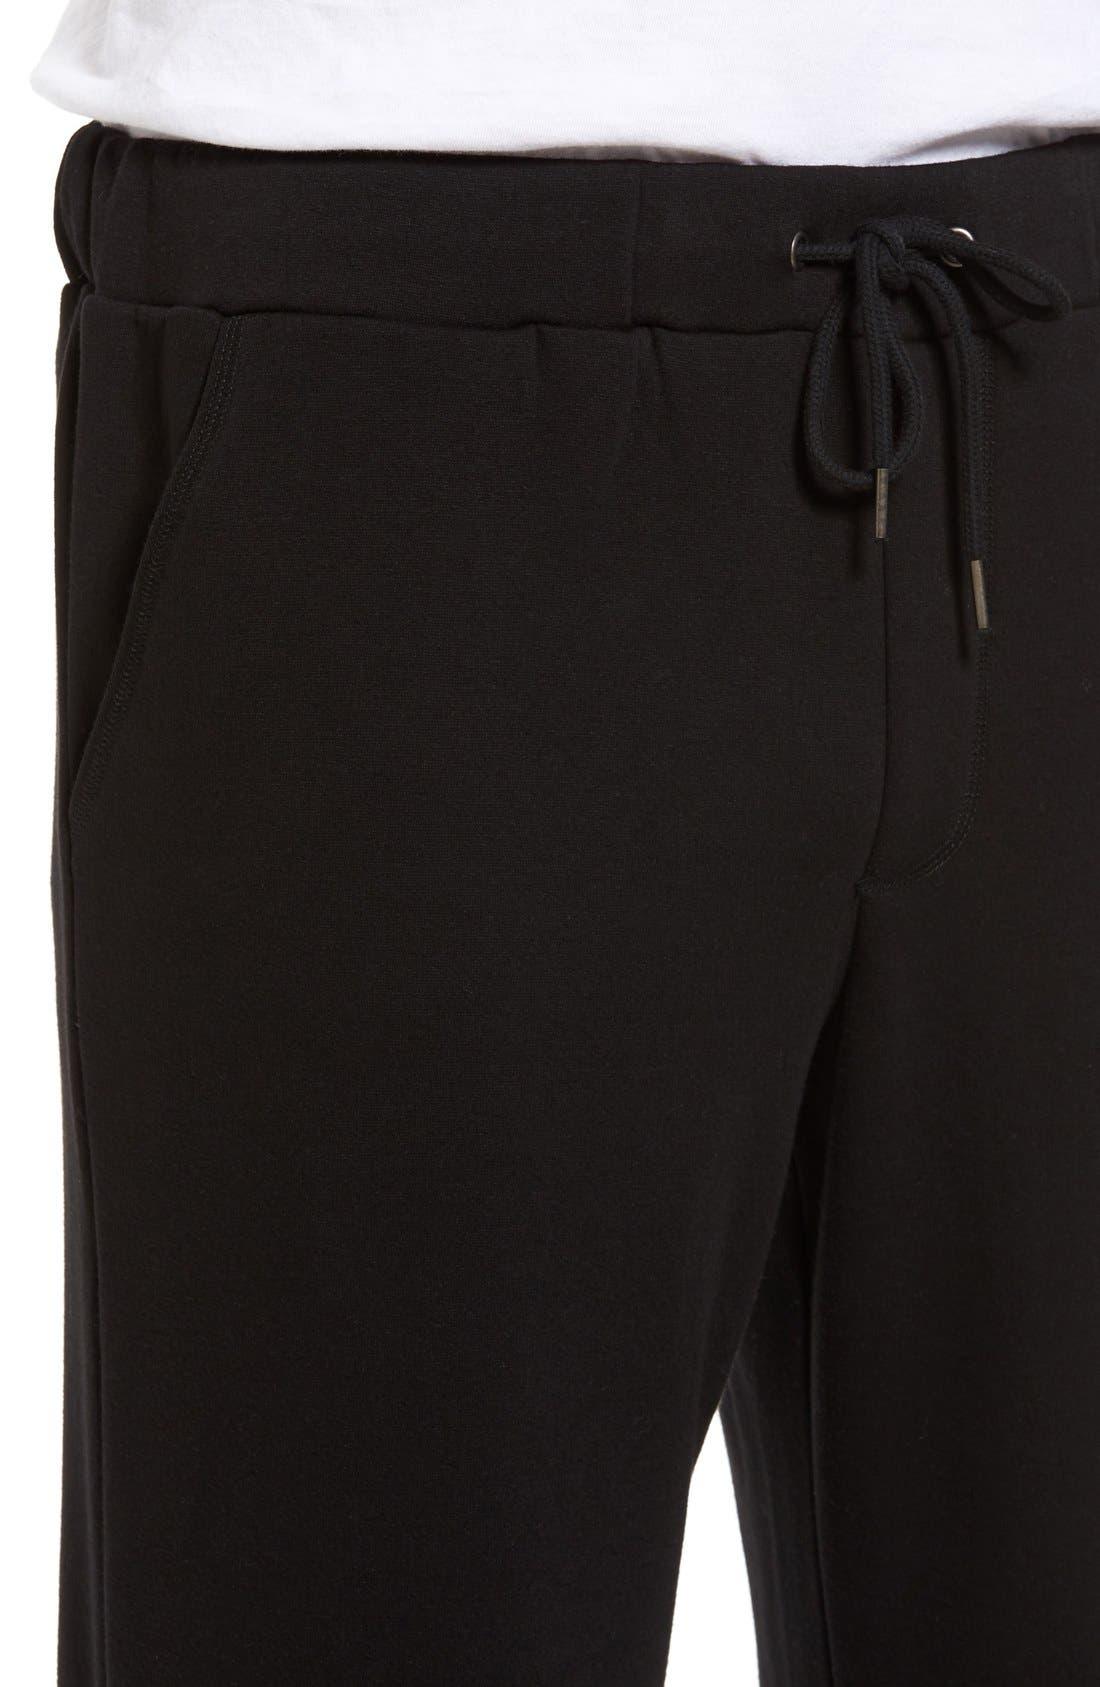 Fleece Lounge Pants,                             Alternate thumbnail 3, color,                             001